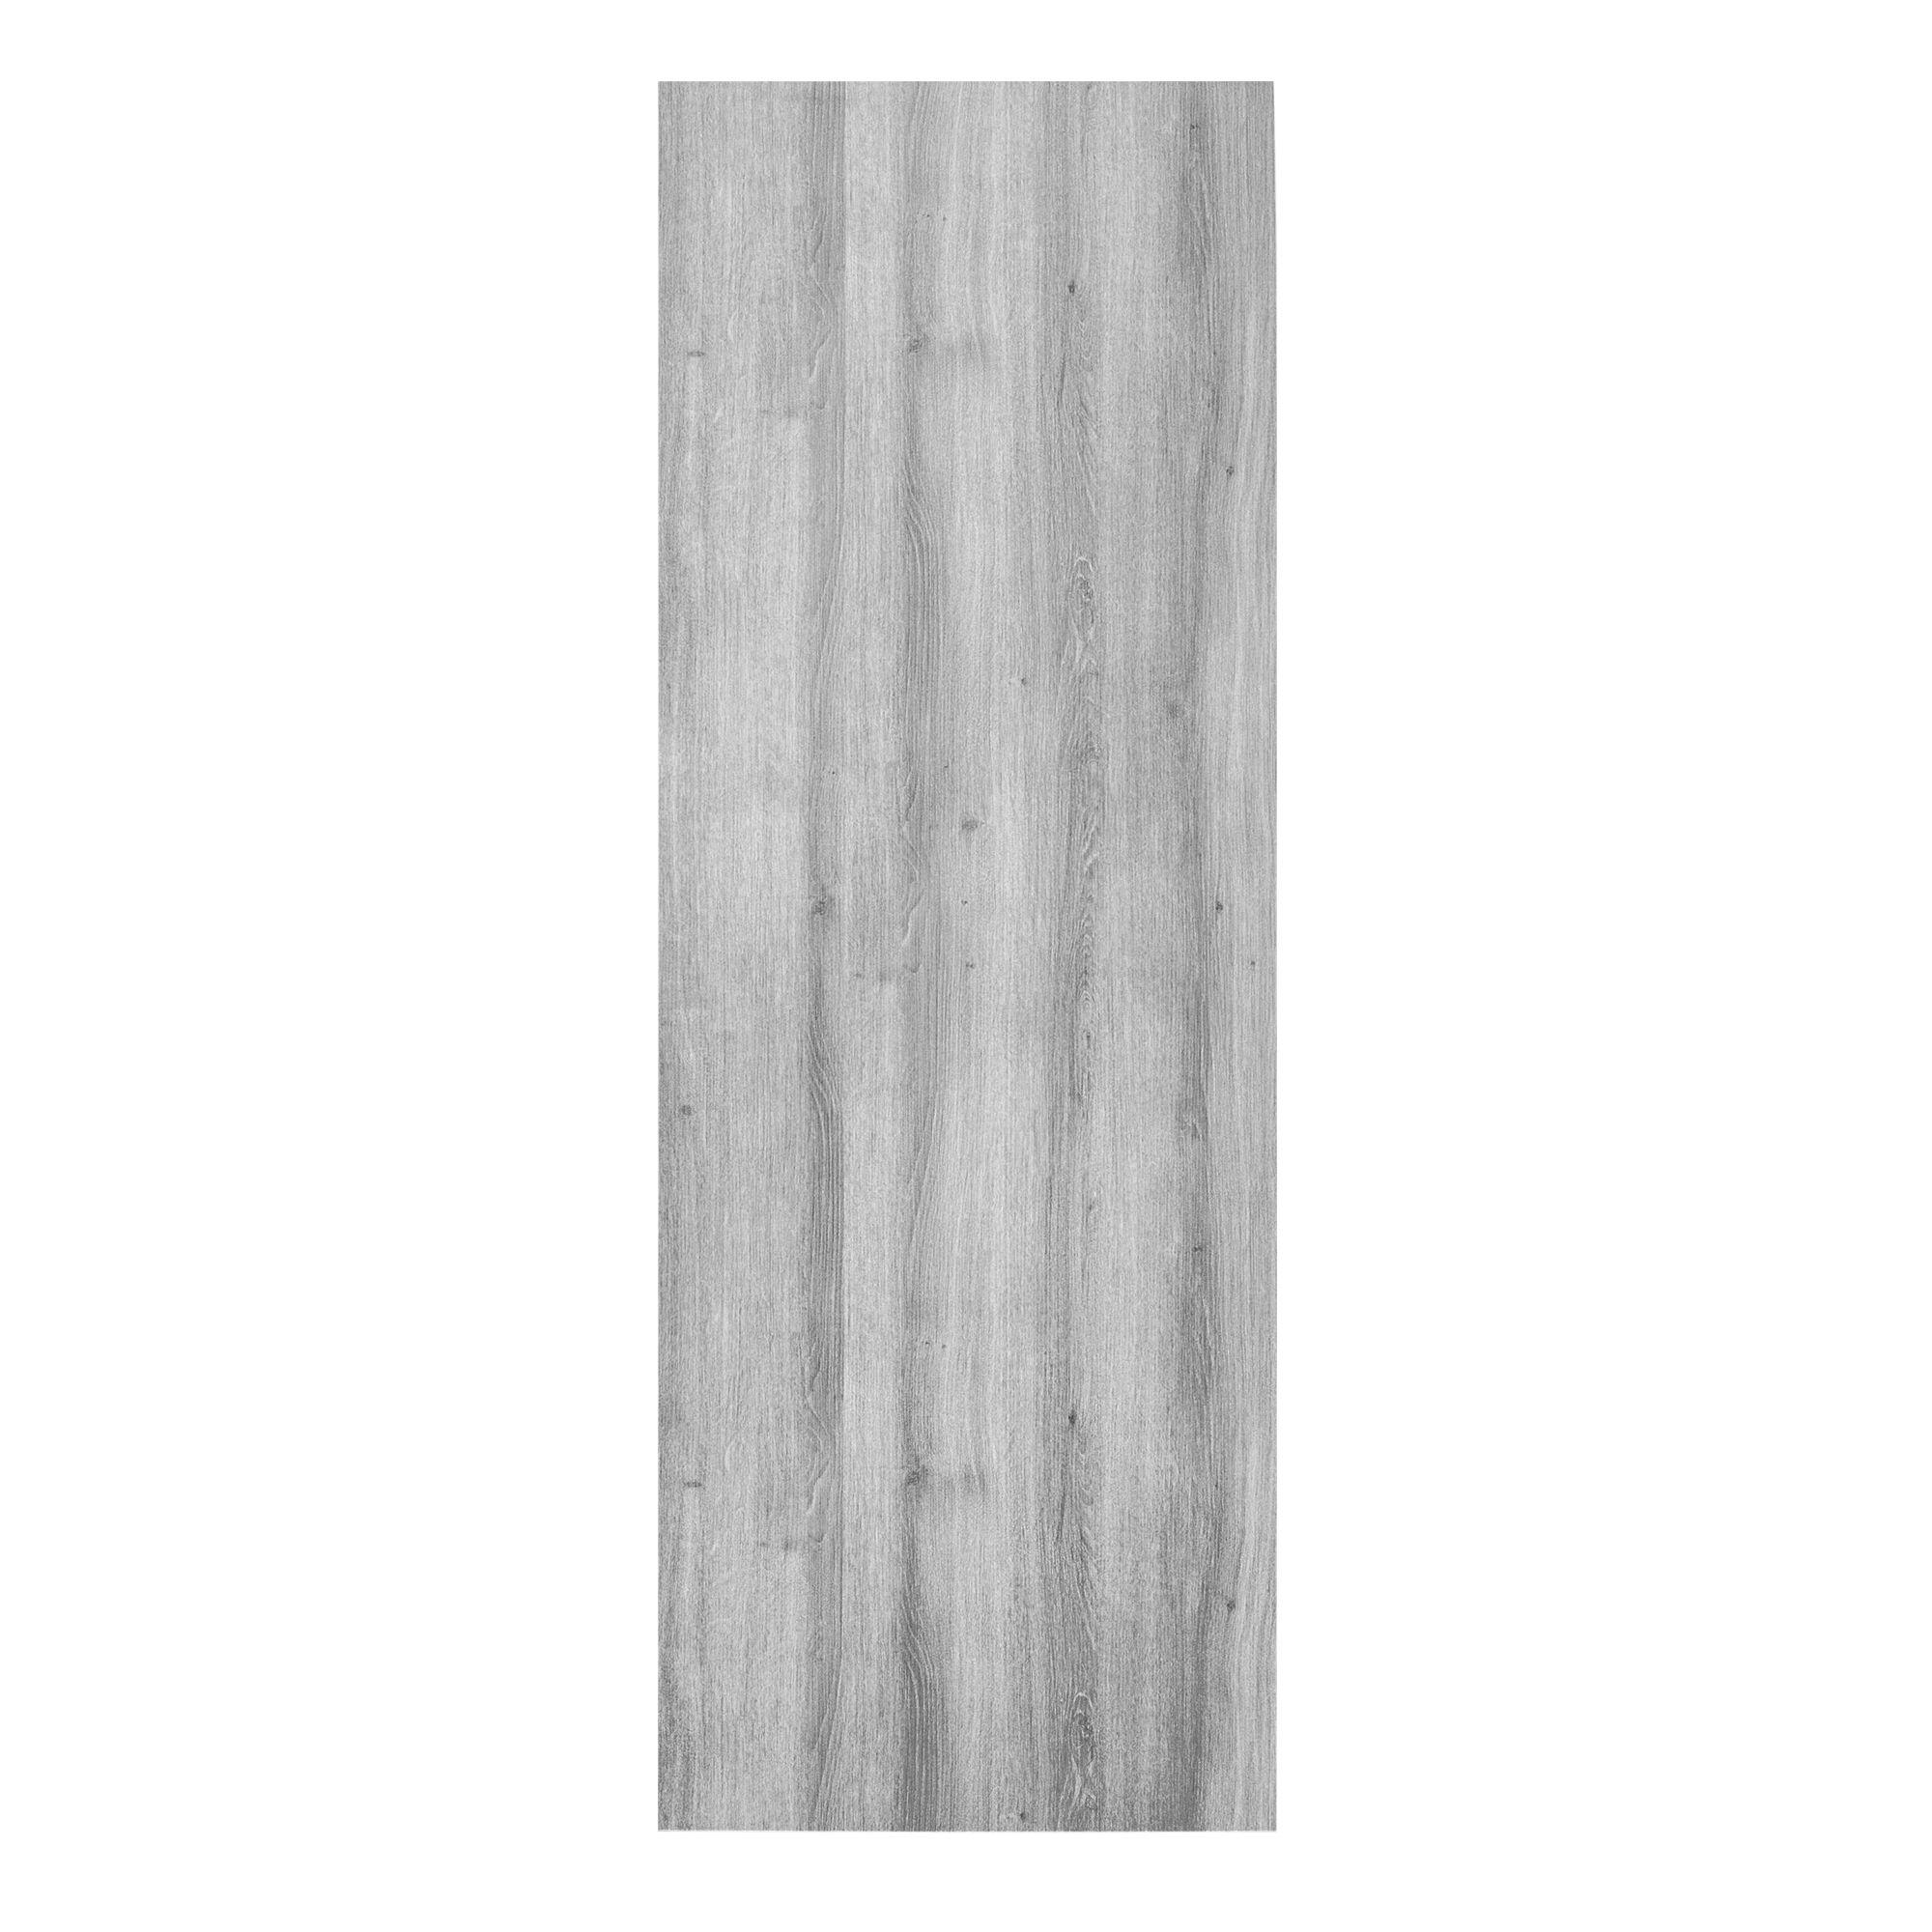 exmoor flush wood effect grey door panel h 1980mm w. Black Bedroom Furniture Sets. Home Design Ideas